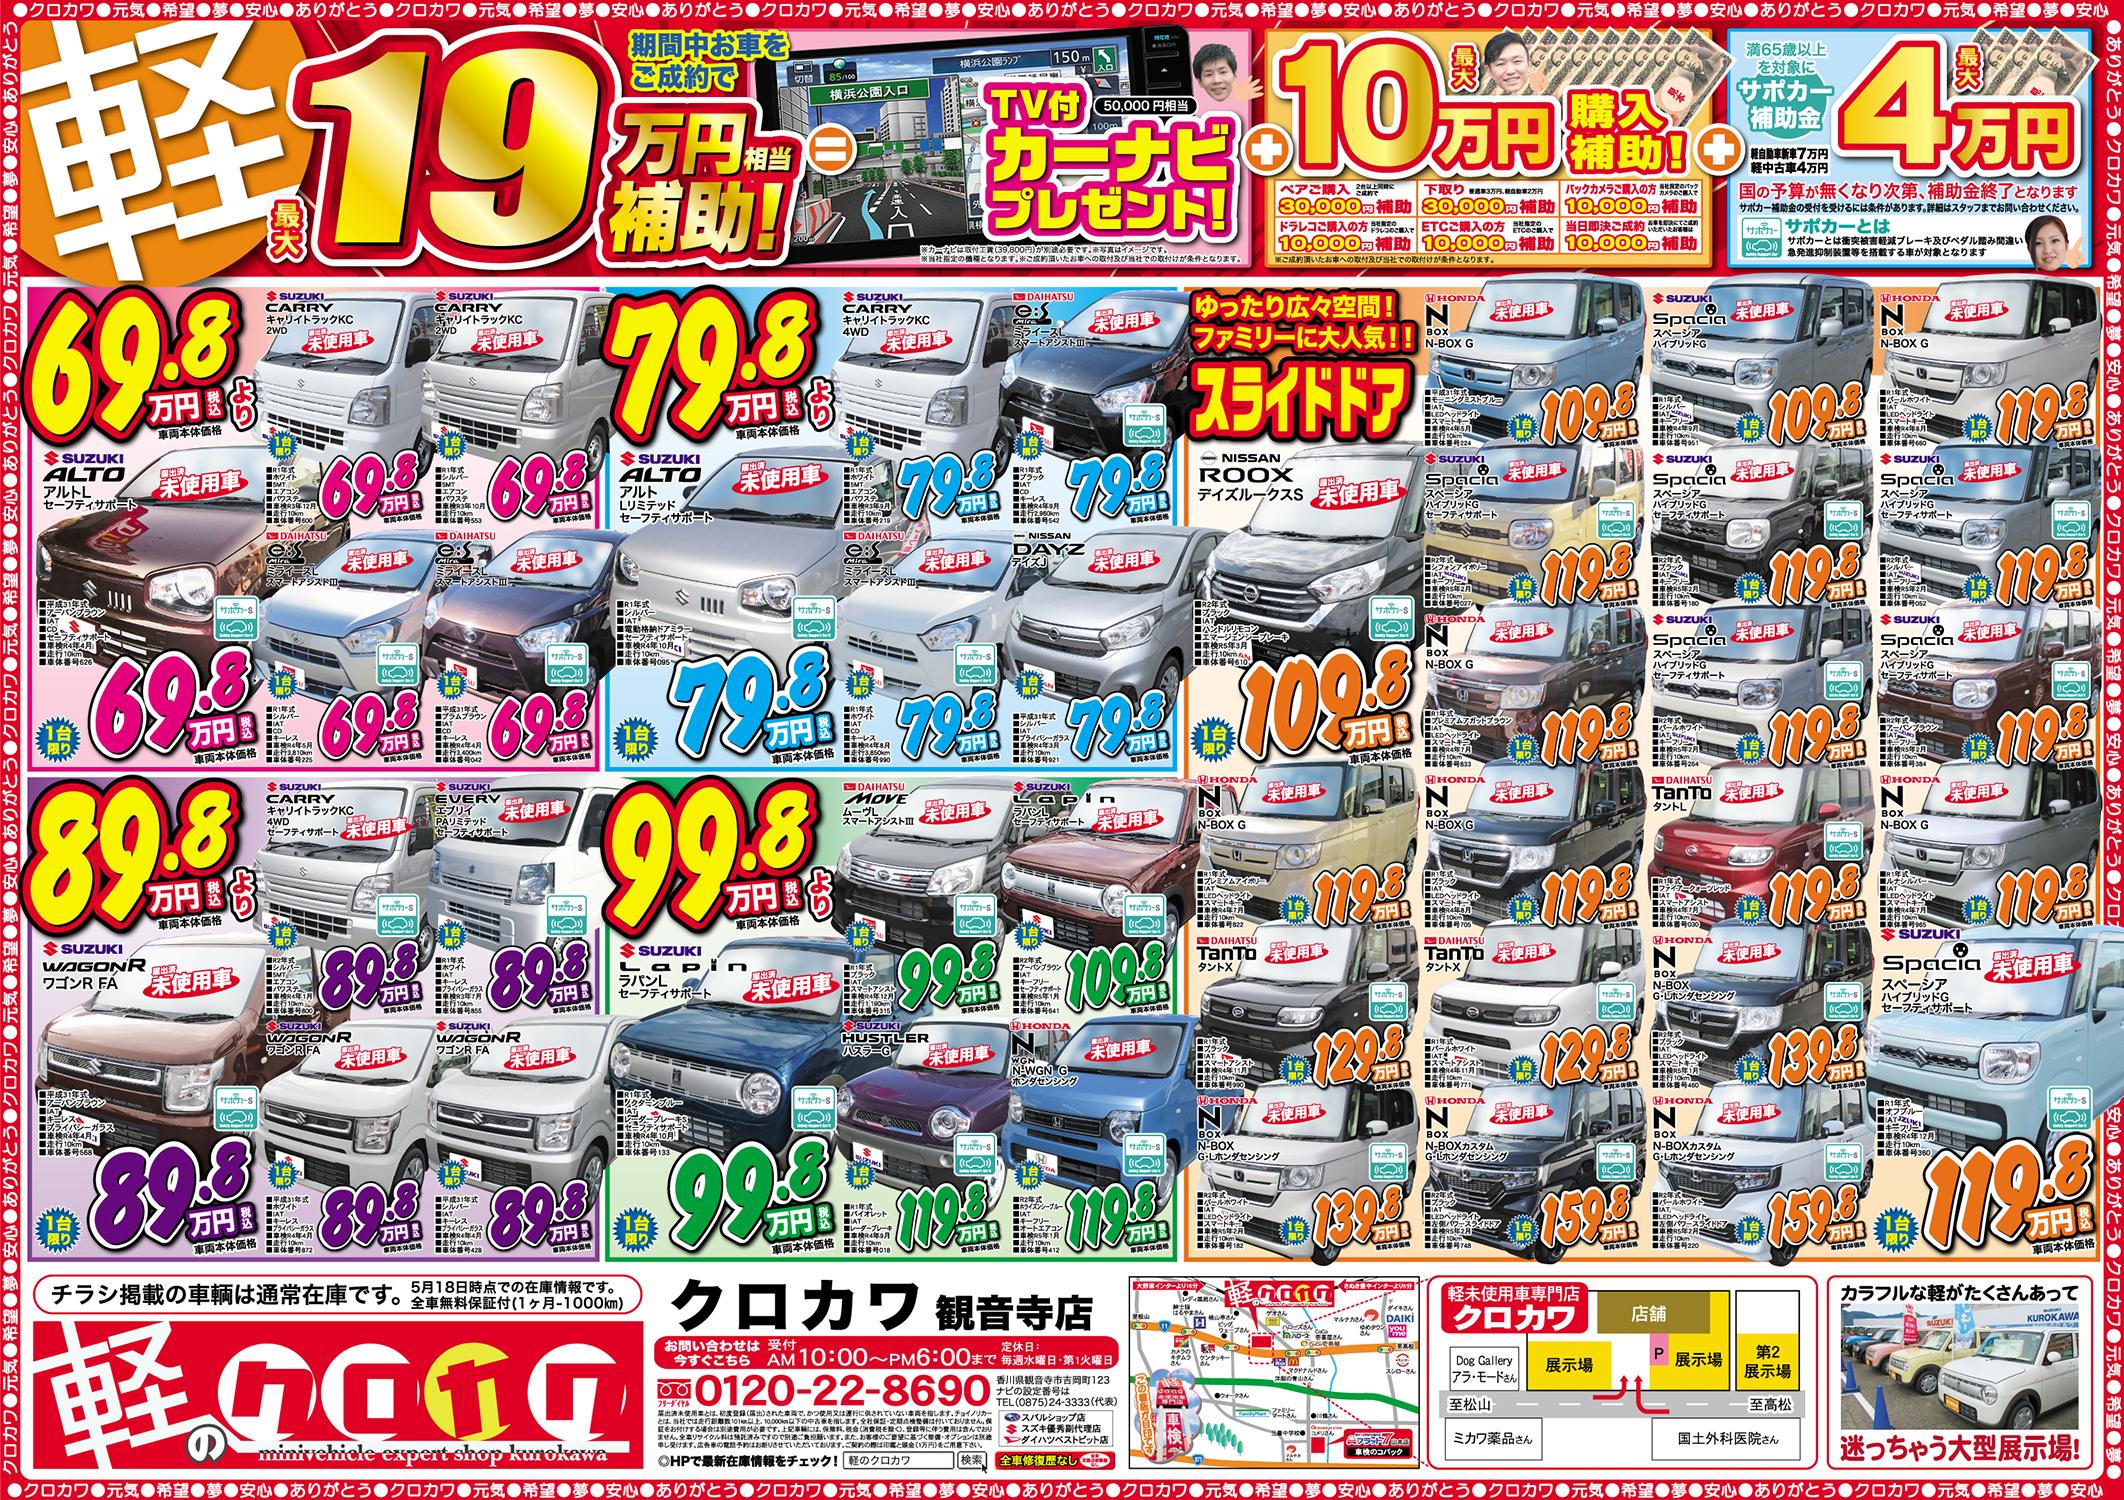 目玉車59.8万円から!【即納車あります】